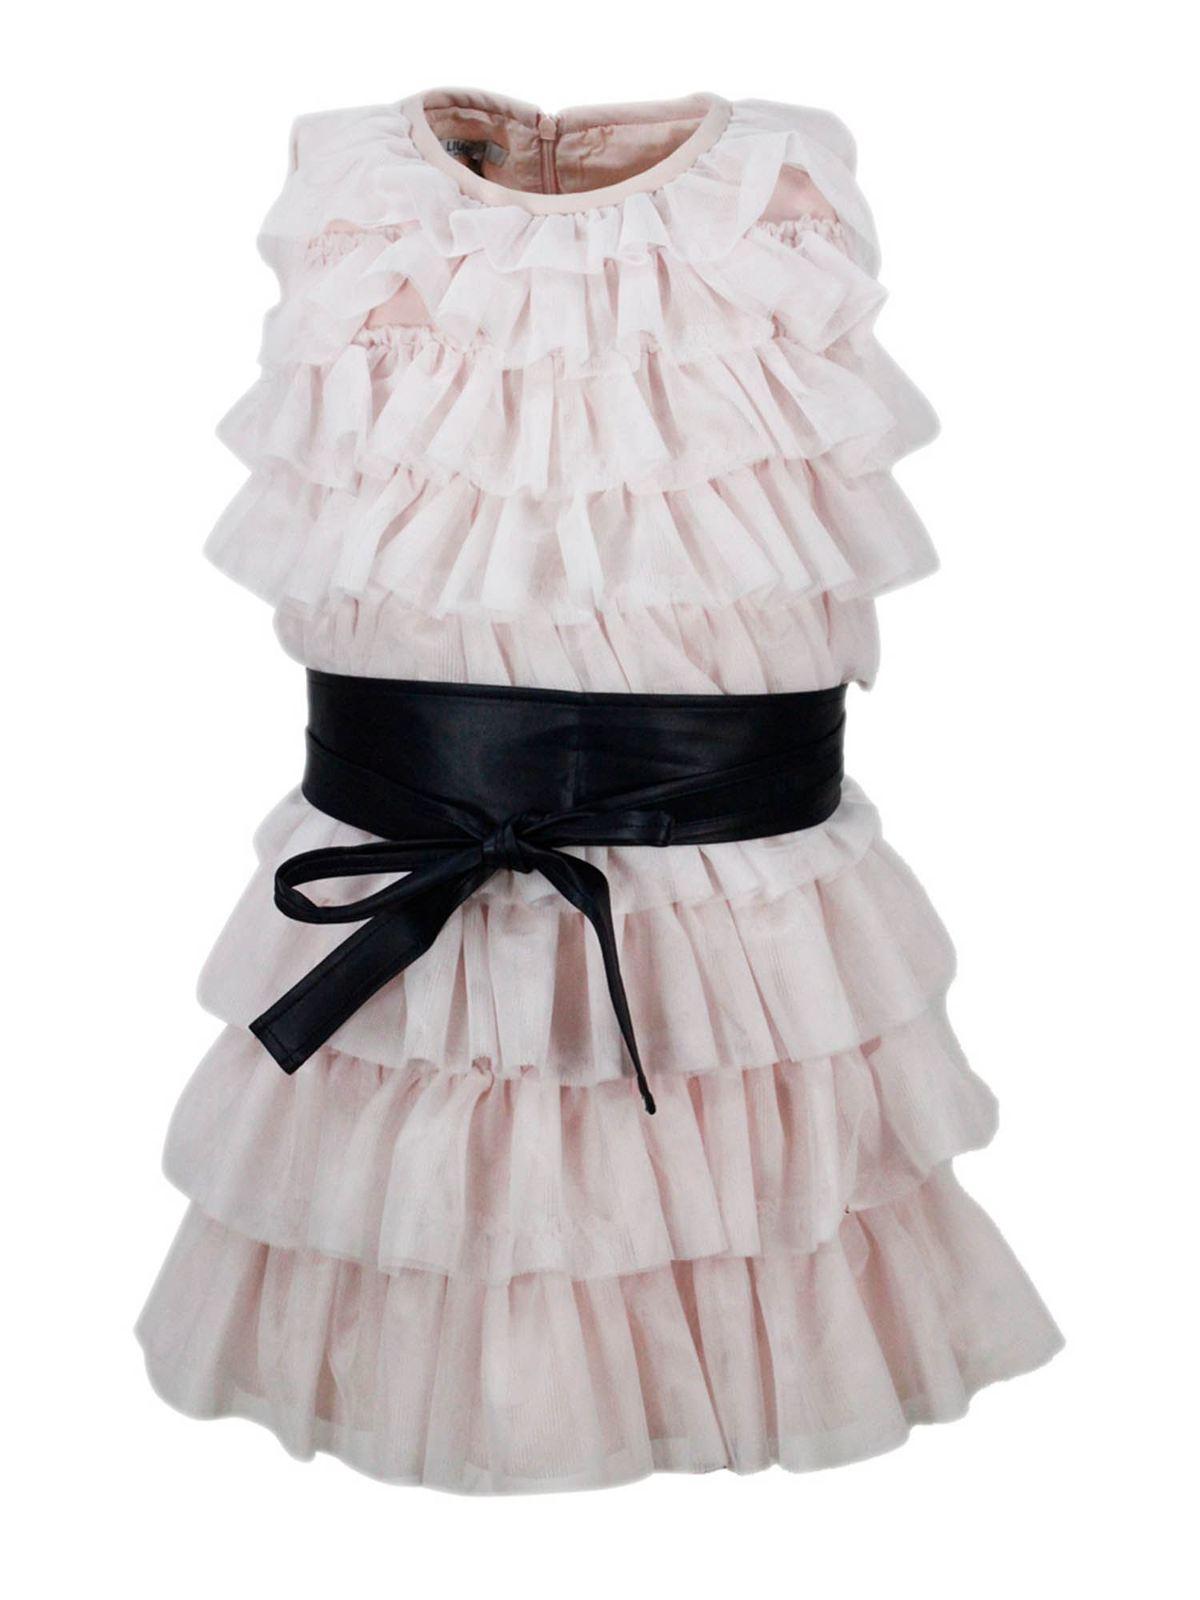 Liu •jo Kids' Flounced Dress In Pink